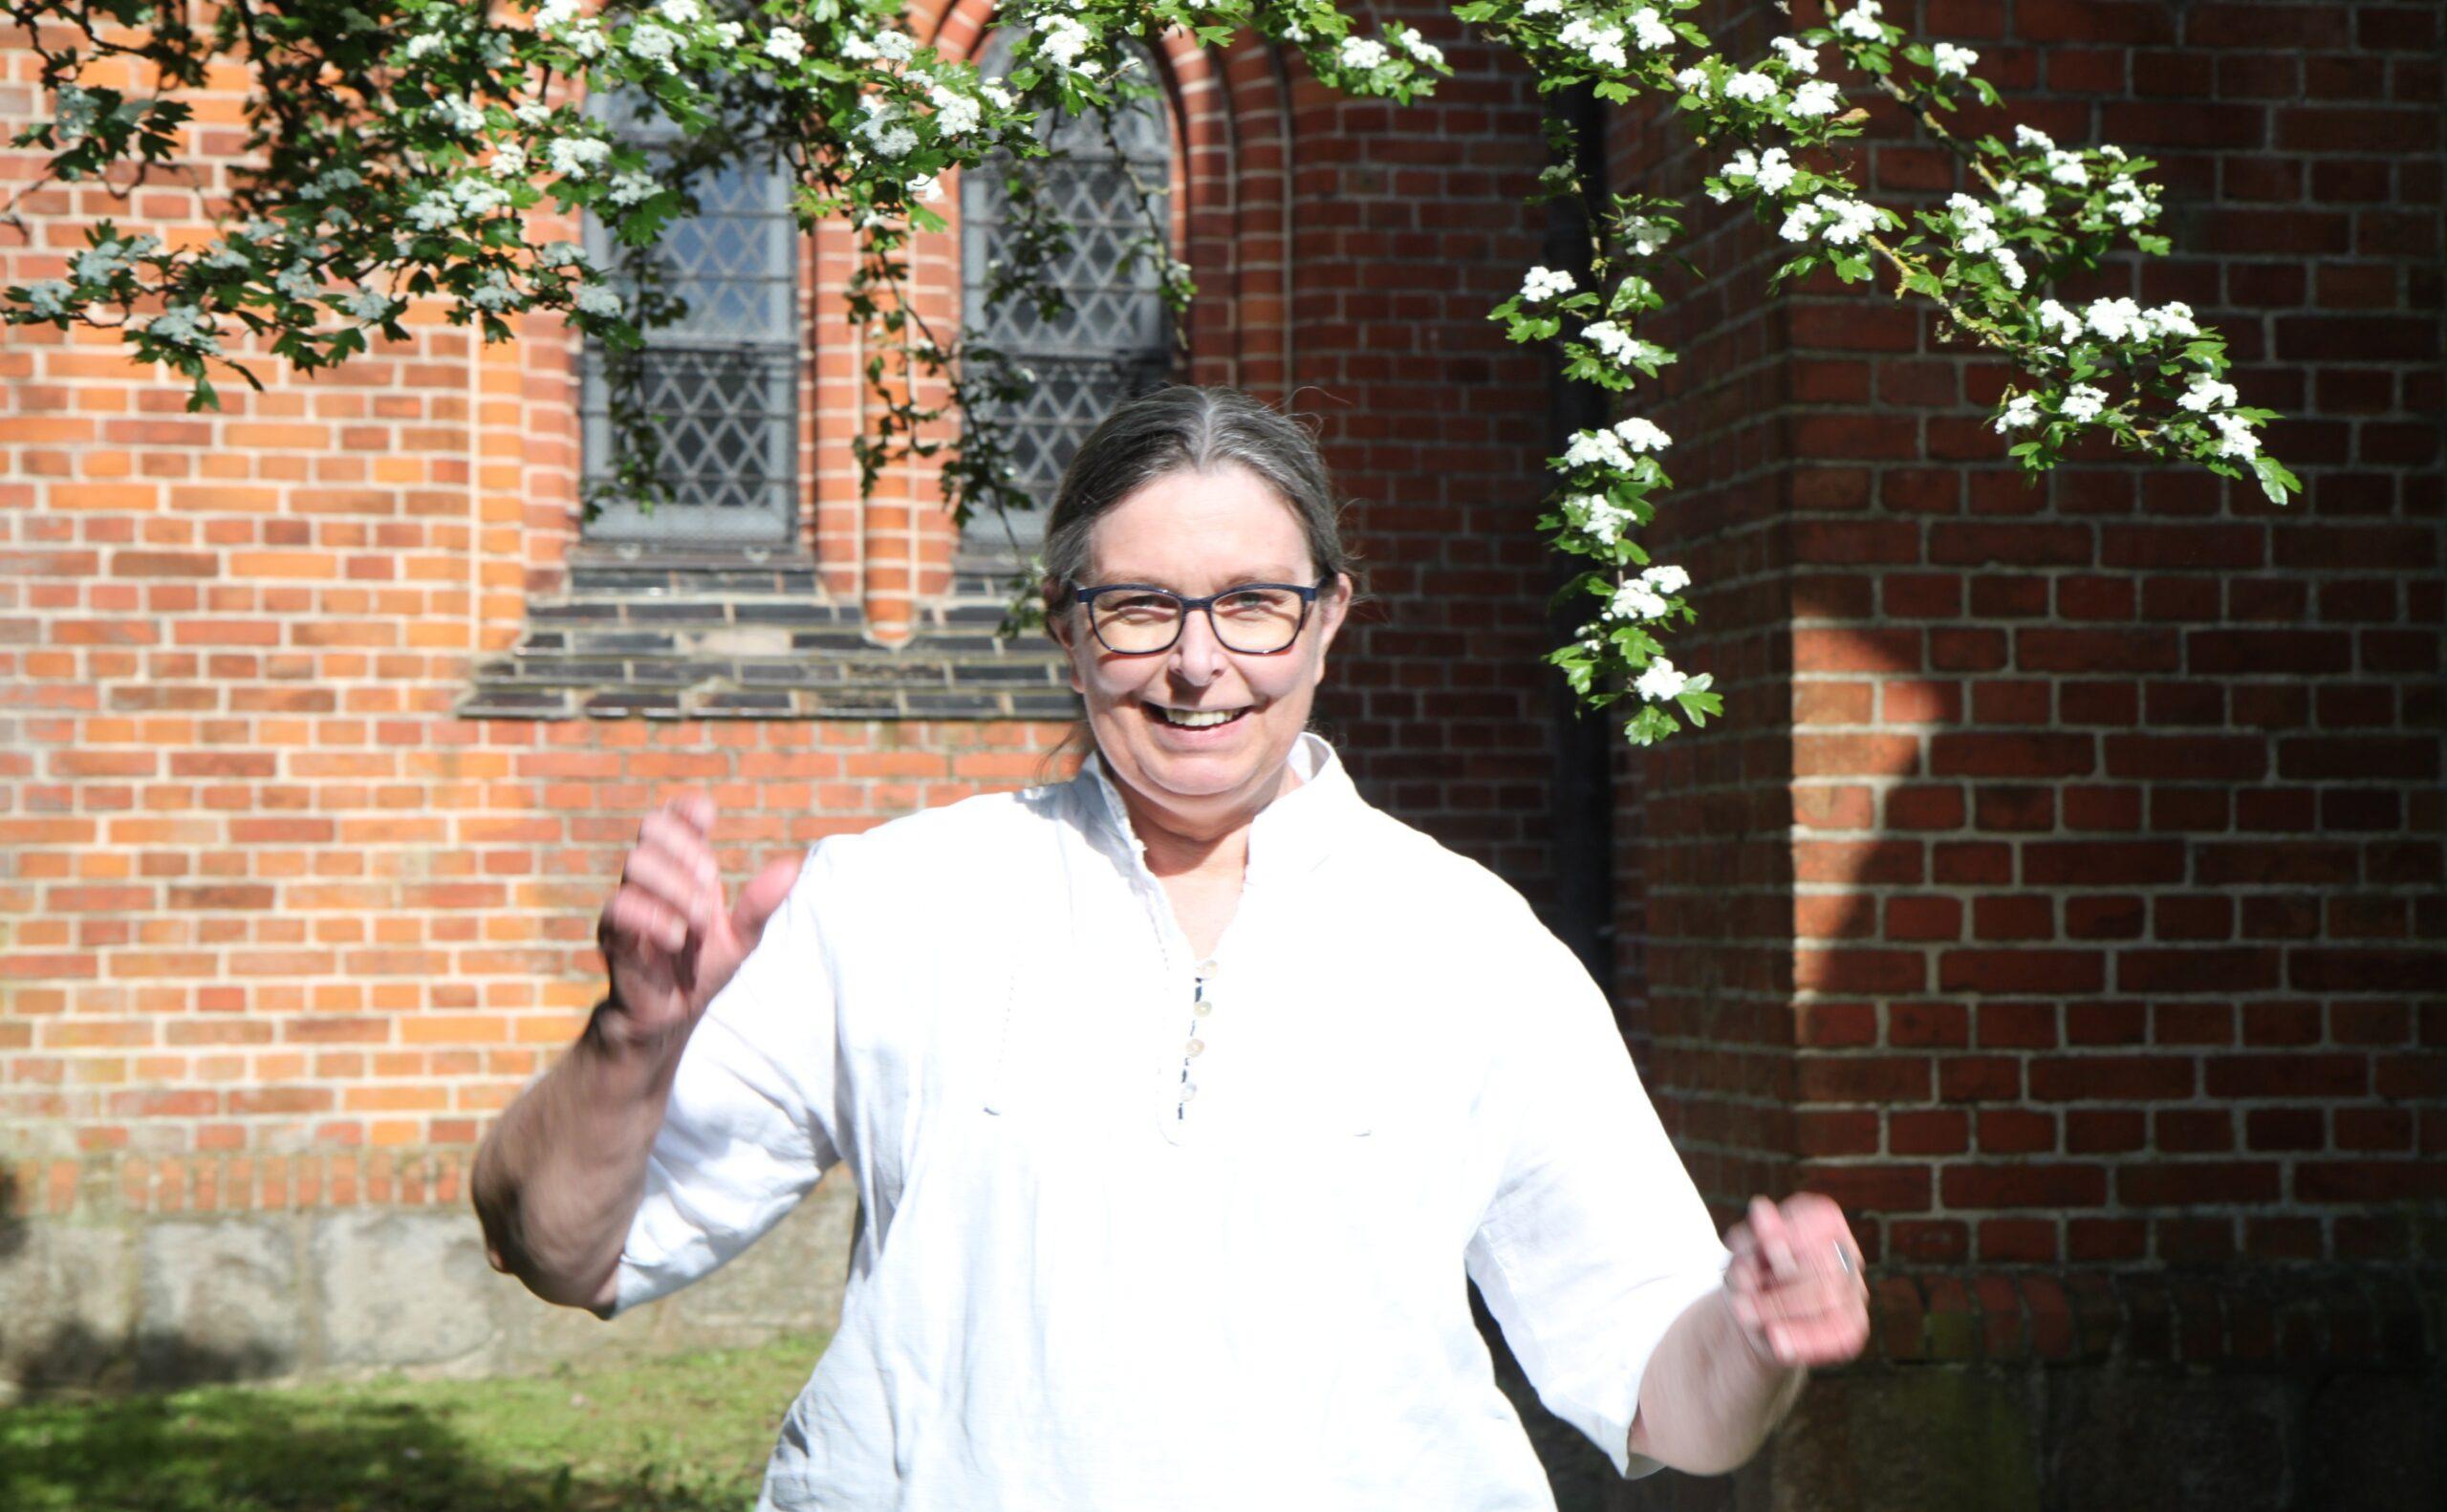 Prädikantin Anja Bergemann